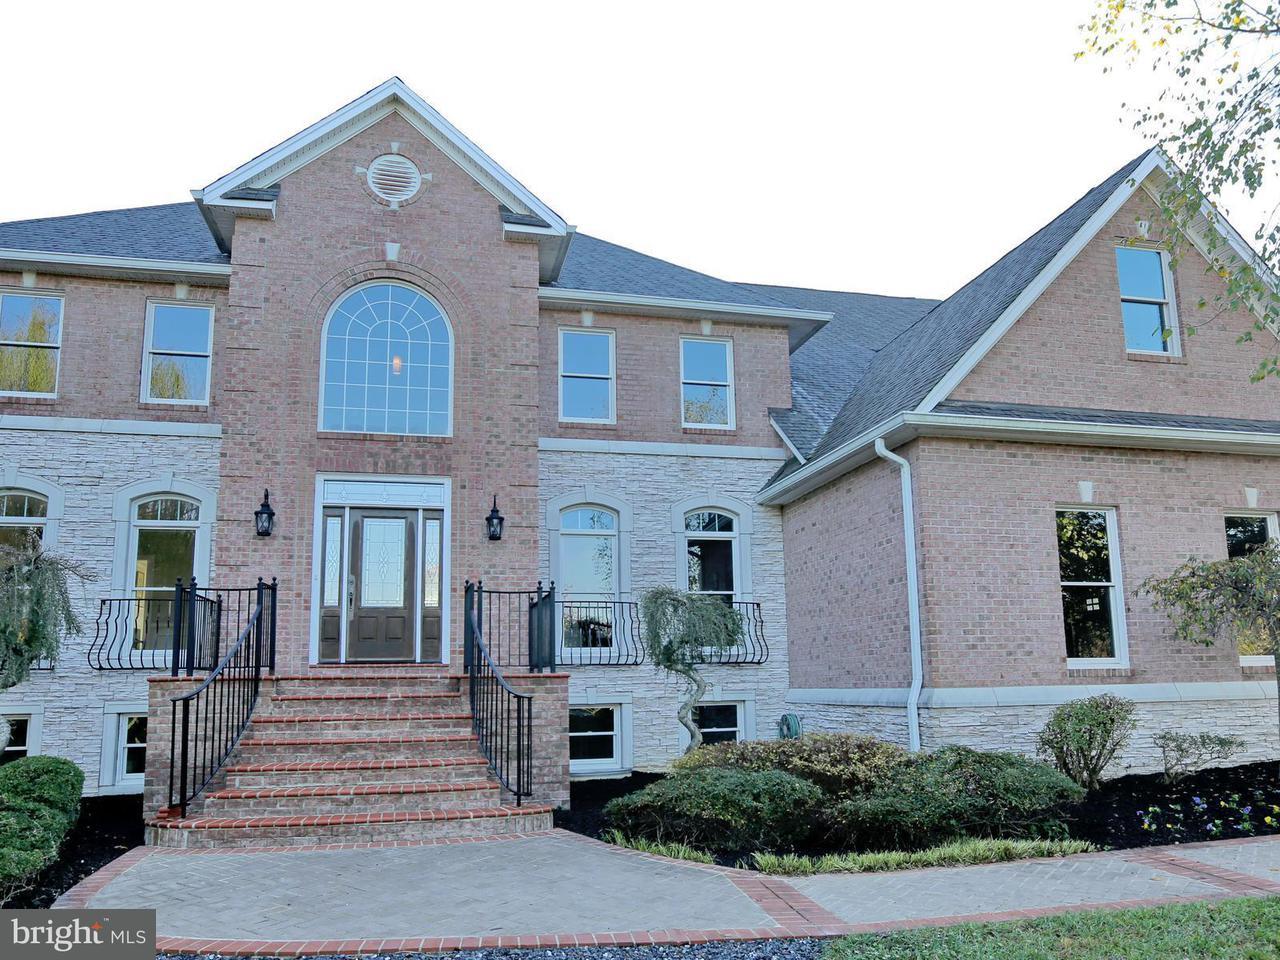 Частный односемейный дом для того Продажа на 3925 Island Landing Court 3925 Island Landing Court Broomes Island, Мэриленд 20615 Соединенные Штаты